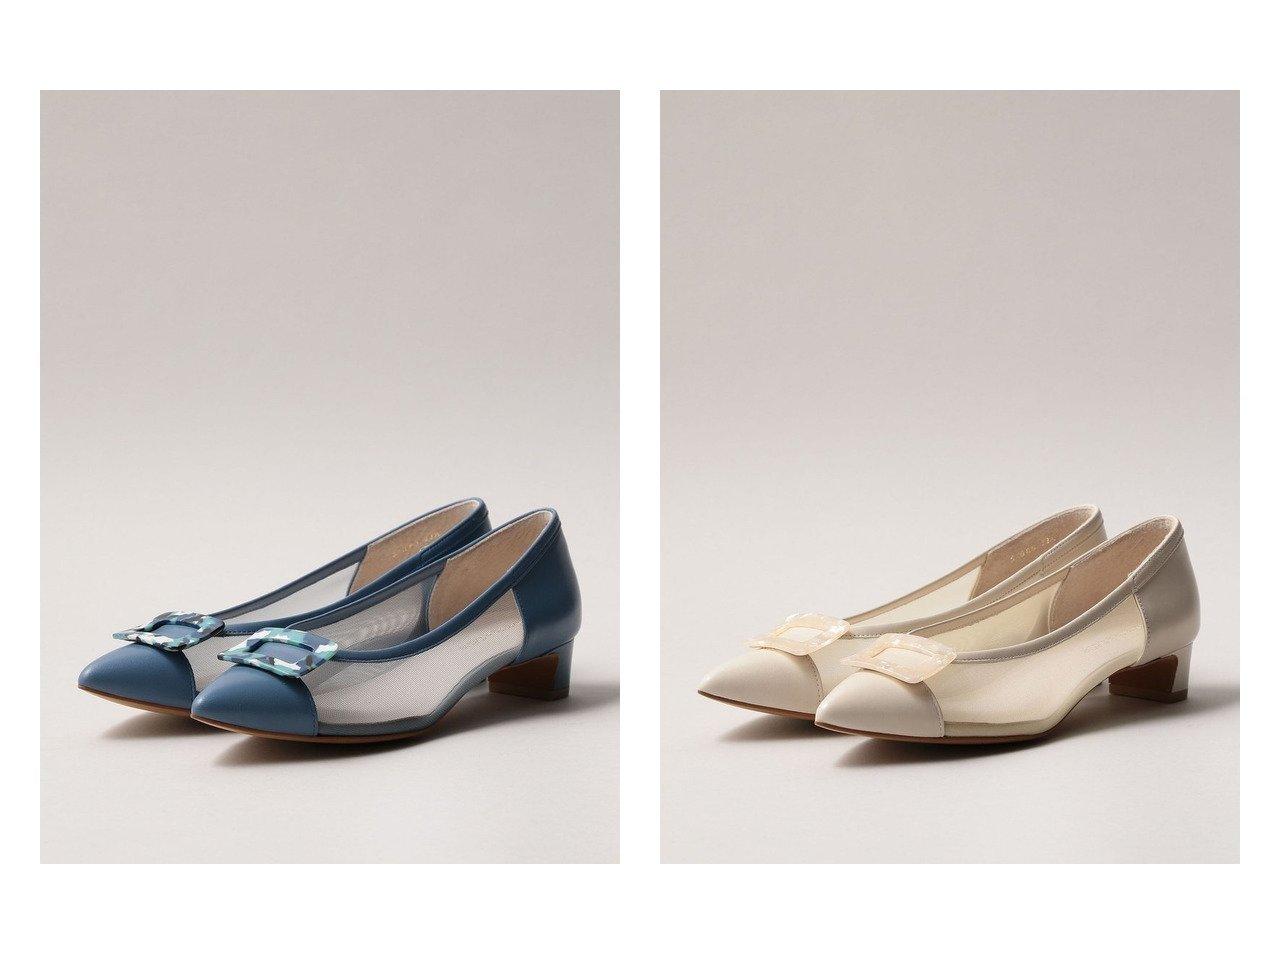 【Odette e Odile/オデット エ オディール】のOFD フレームチュール パンプス30 【シューズ・靴】おすすめ!人気トレンド・レディースファッション通販 おすすめで人気の流行・トレンド、ファッションの通販商品 インテリア・家具・メンズファッション・キッズファッション・レディースファッション・服の通販 founy(ファニー) https://founy.com/ ファッション Fashion レディースファッション WOMEN おすすめ Recommend シューズ チュール フレーム |ID:crp329100000051530